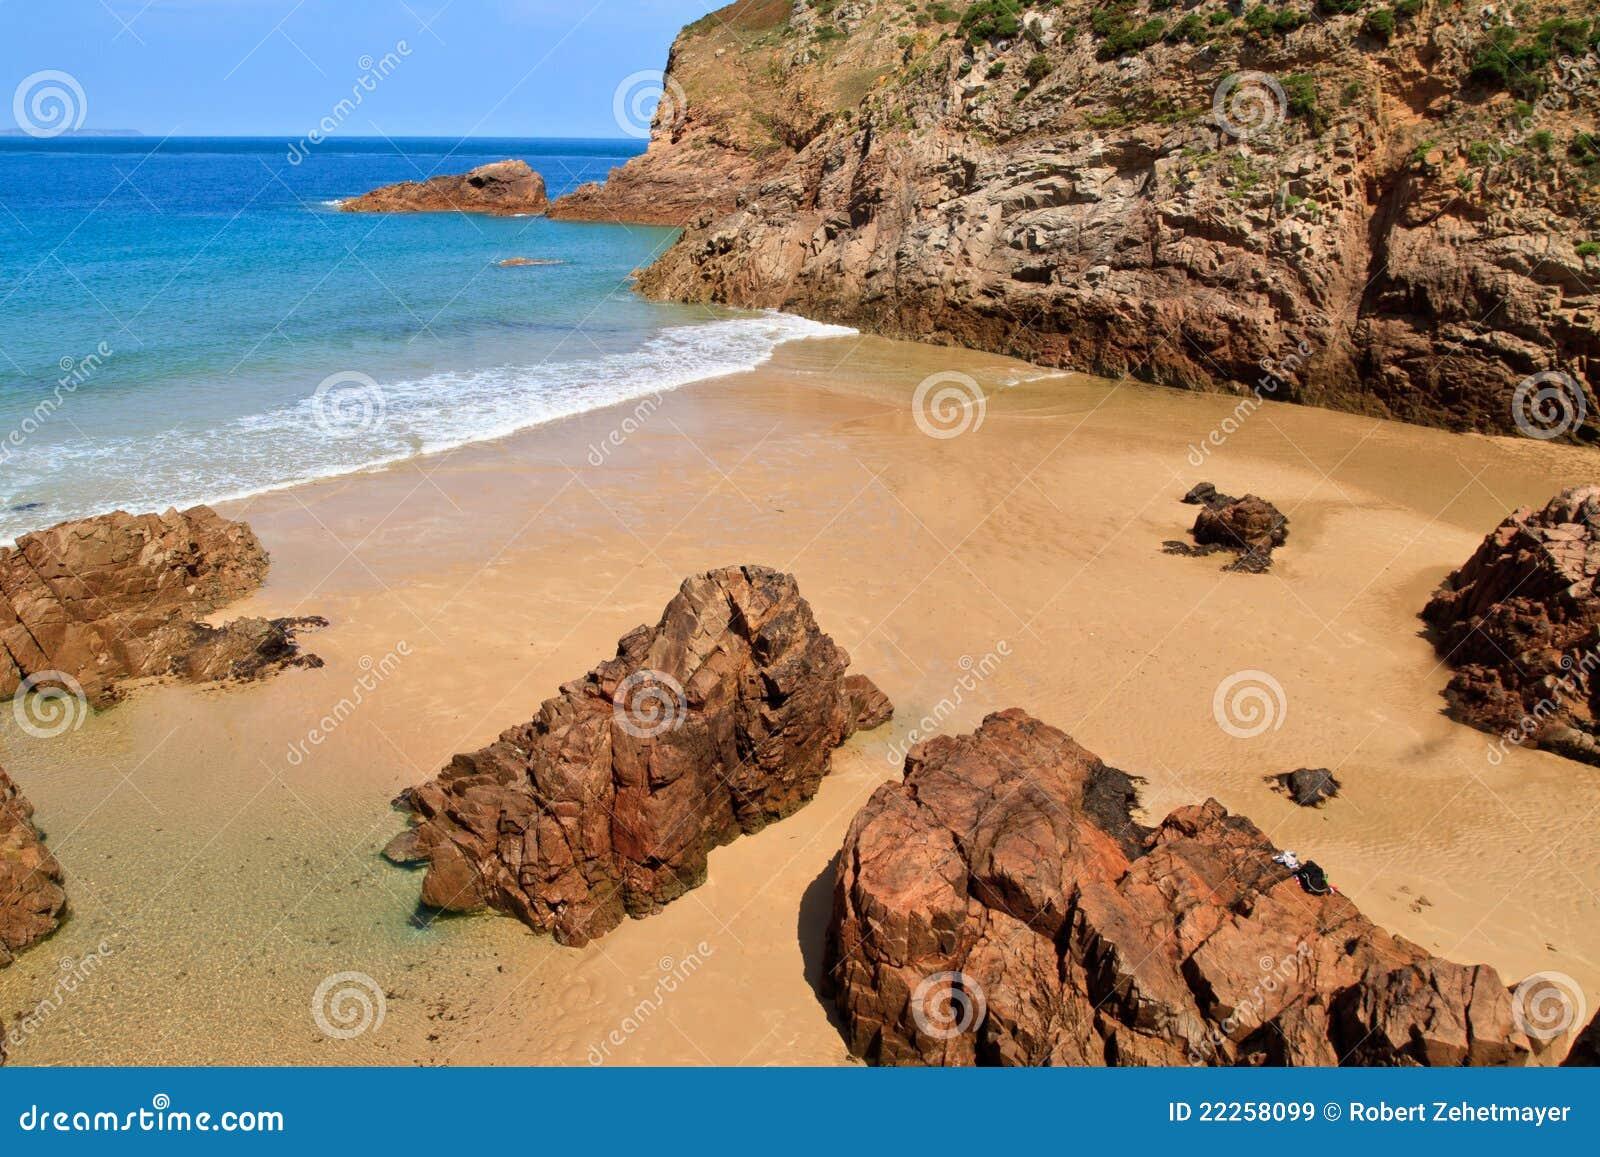 Spiaggia di Plemont, Jersey, isole della Manica, Regno Unito